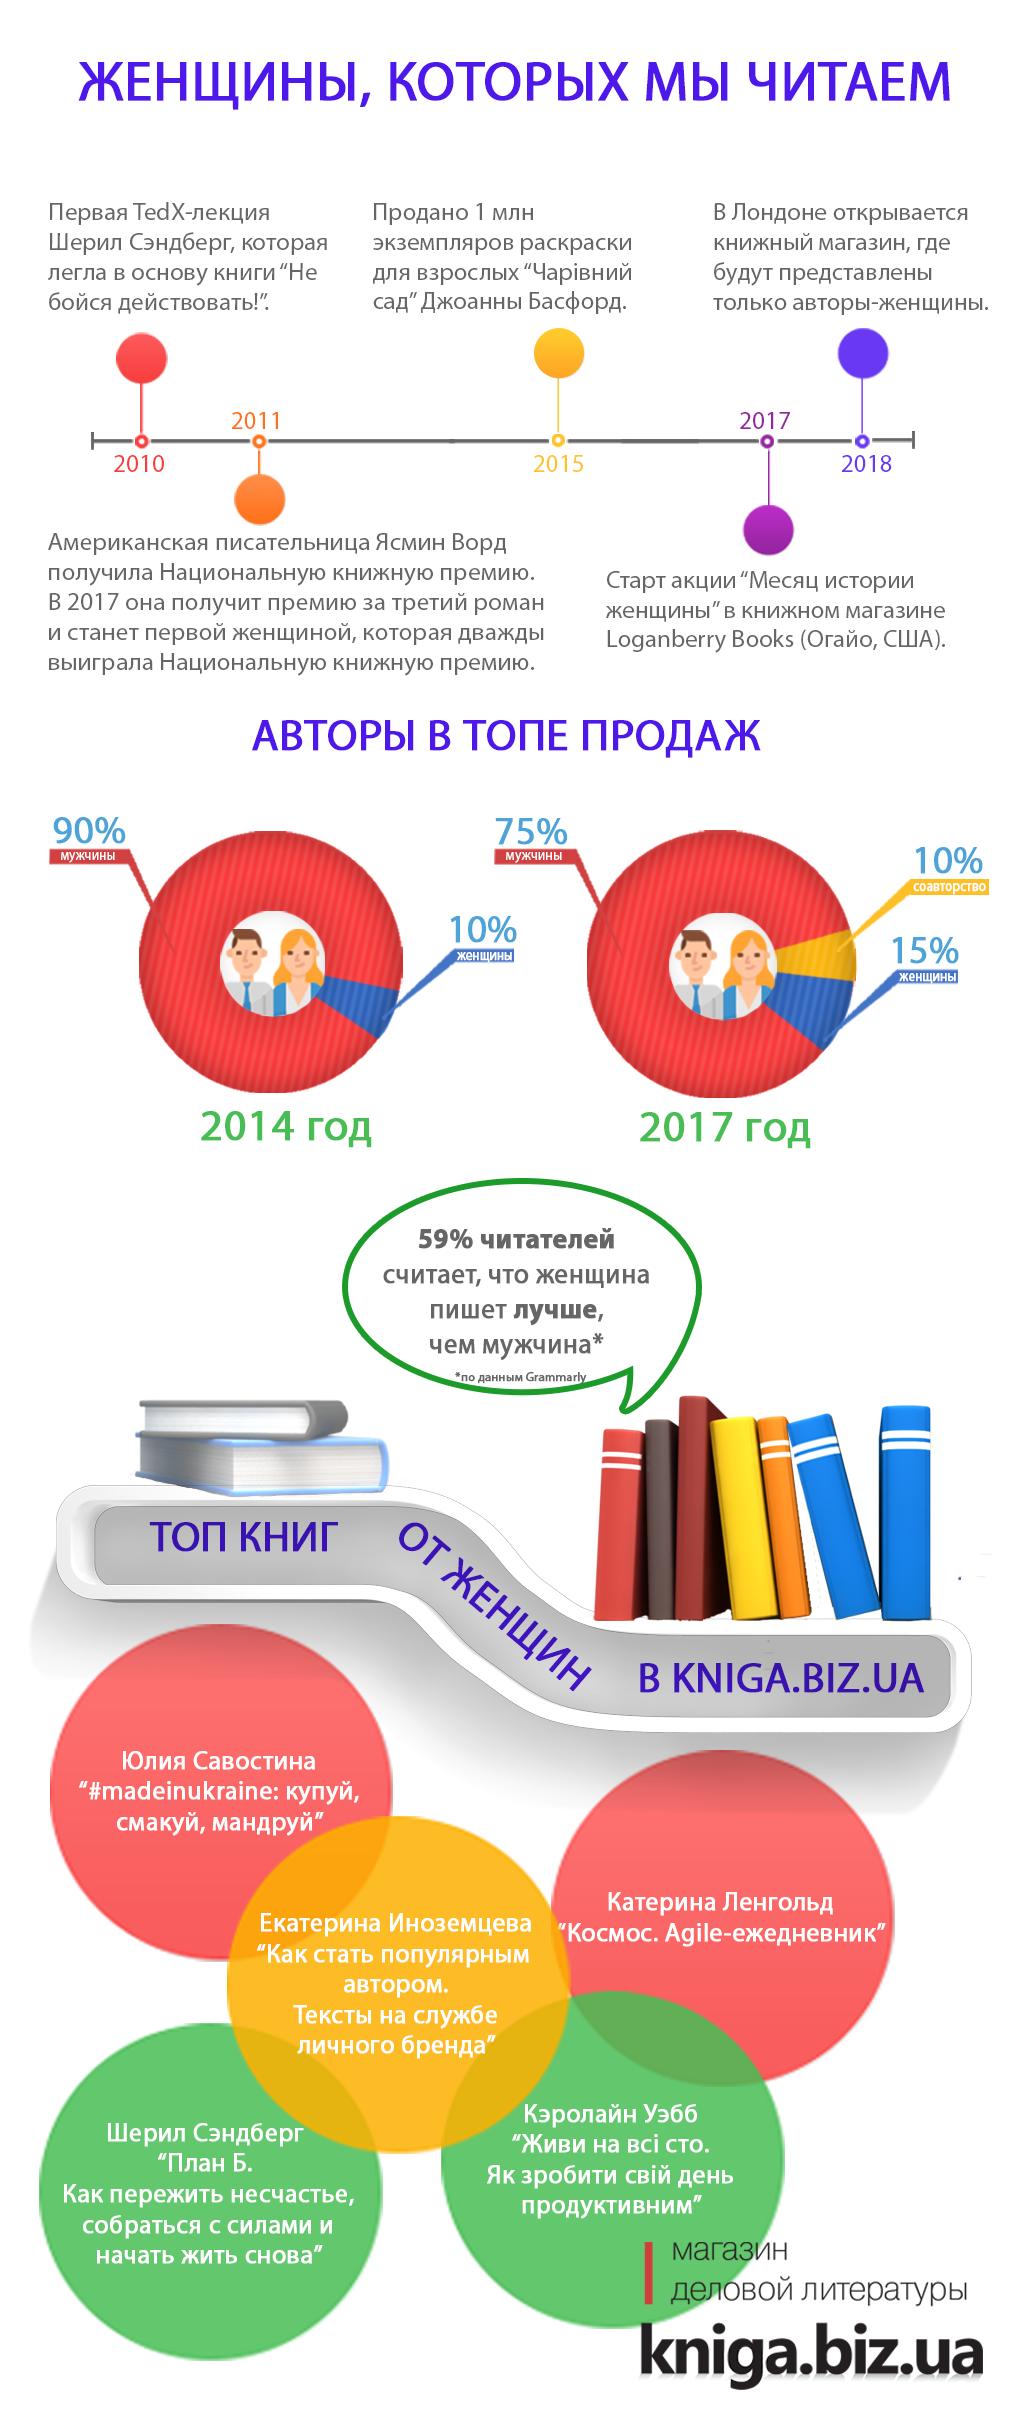 Инфографика к 8 марта - шестая итерация